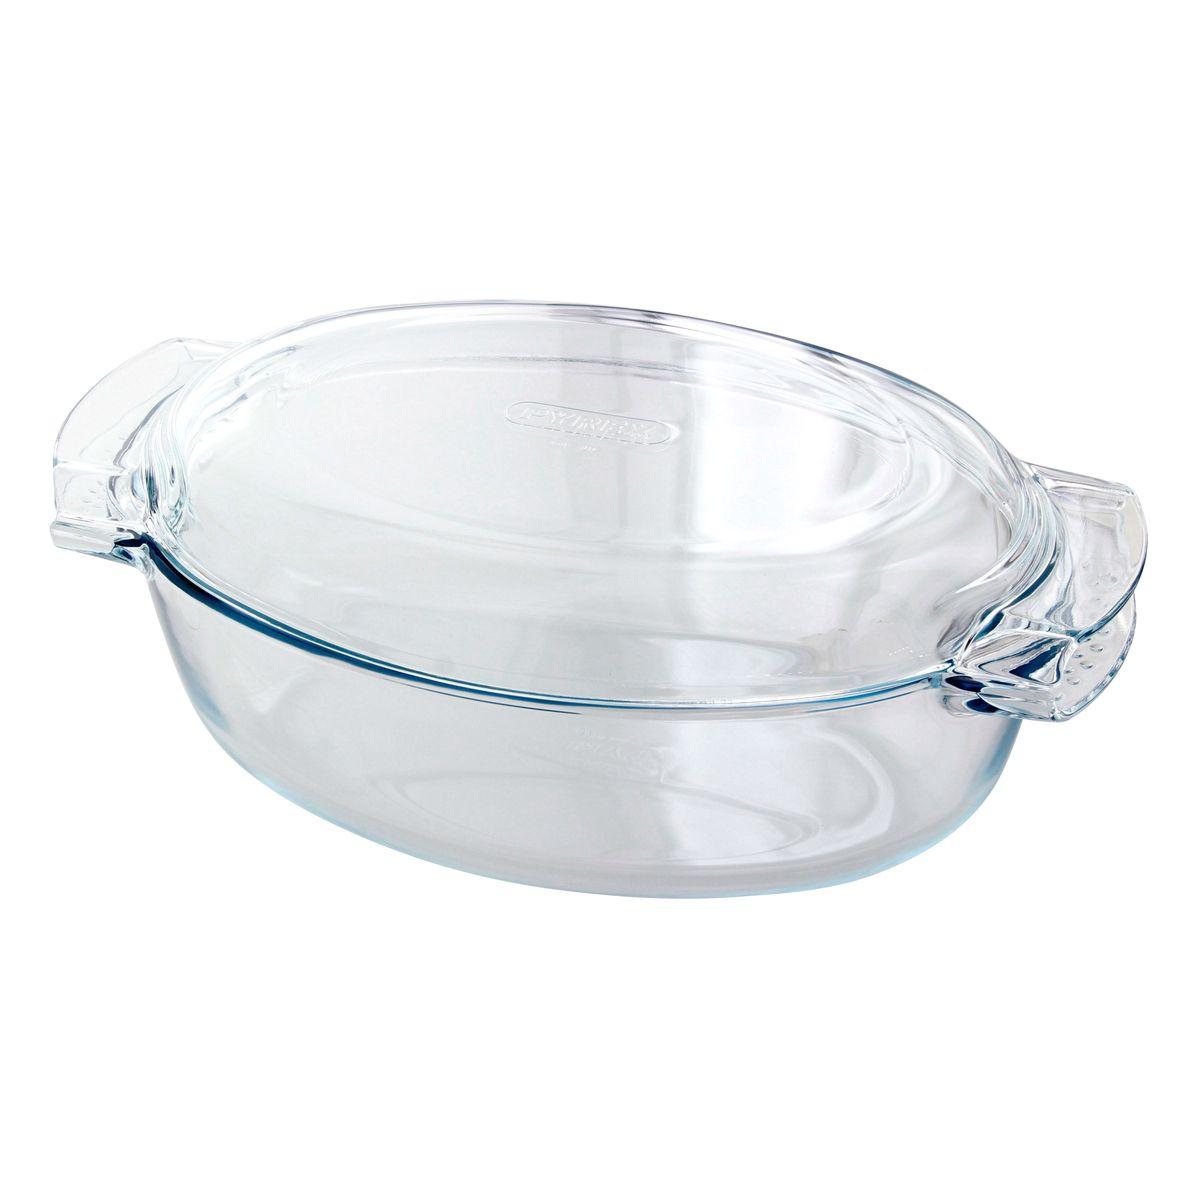 Cocotte en verre ovale 38x23cm 5.8L (4.4l+ couvercle 1.4l)- Pyrex